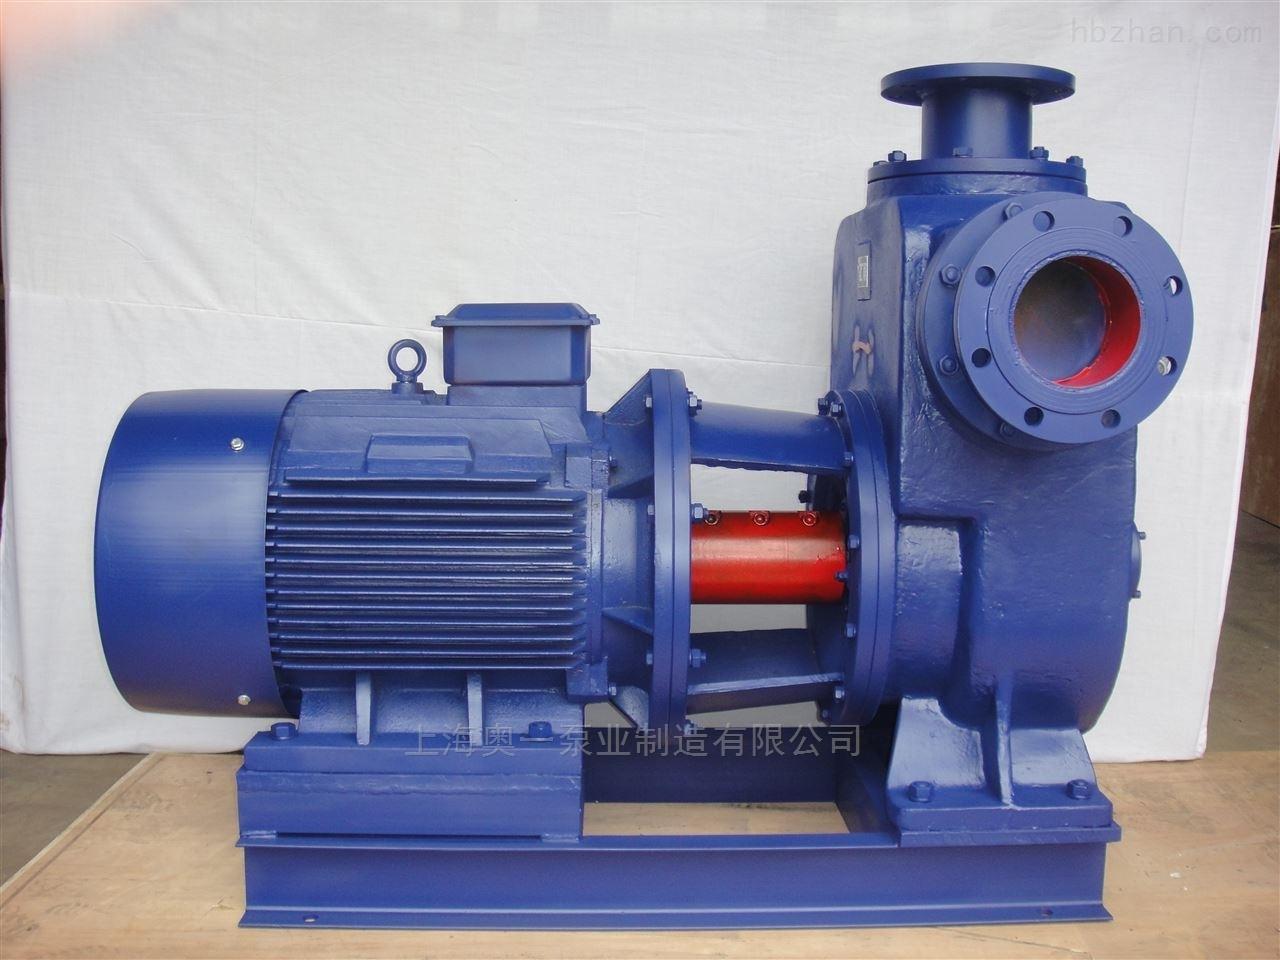 ZSL强自吸大流量直联式双吸自吸泵